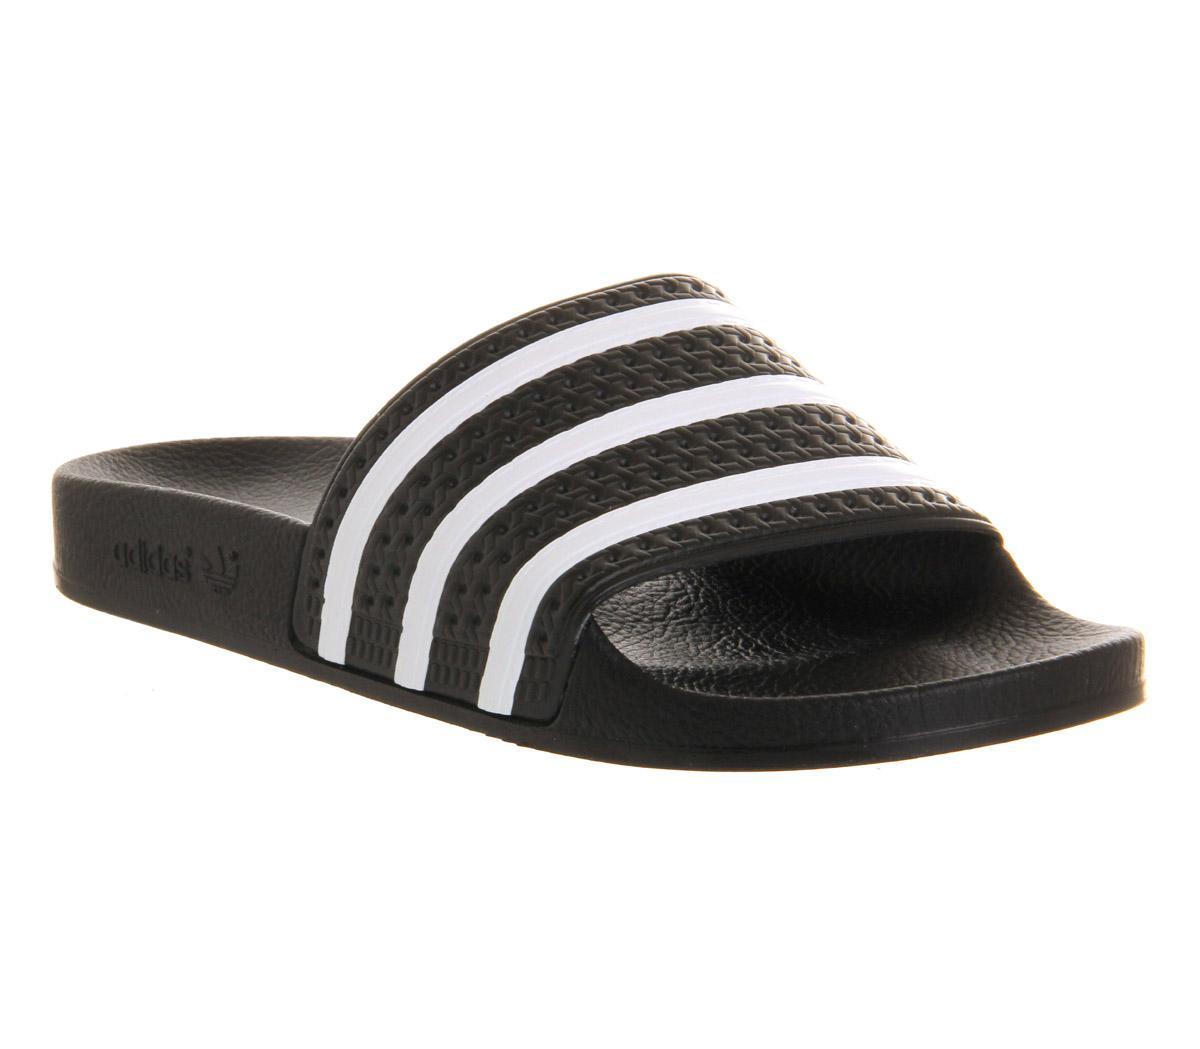 1c22051b3 adidas Adilette Sliders Black White - Office Girl